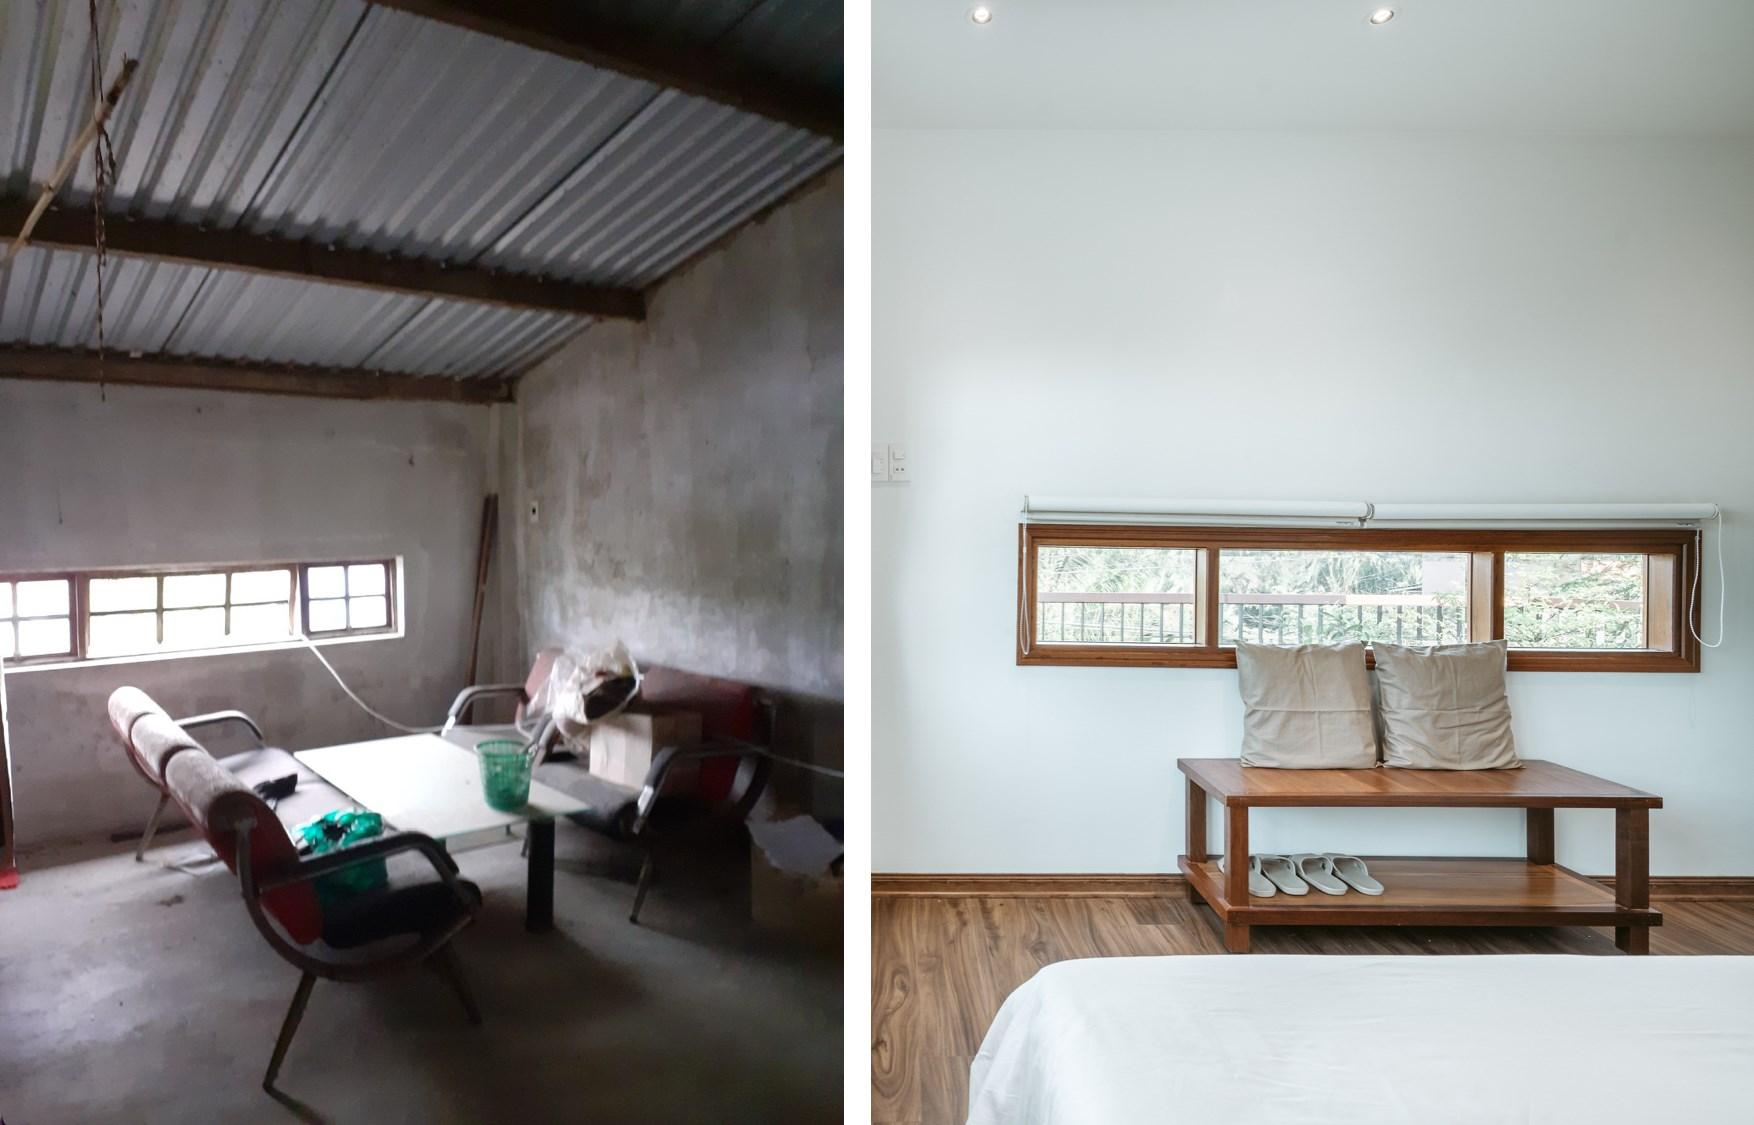 Cô gái quyết định rời Sài Gòn về Hội An cải tạo nhà ở 20 năm đã xuống cấp thành homestay 5 phòng đẹp lung linh, cho khách thuê chỉ 420-520 ngàn đồng/ phòng - Ảnh 9.